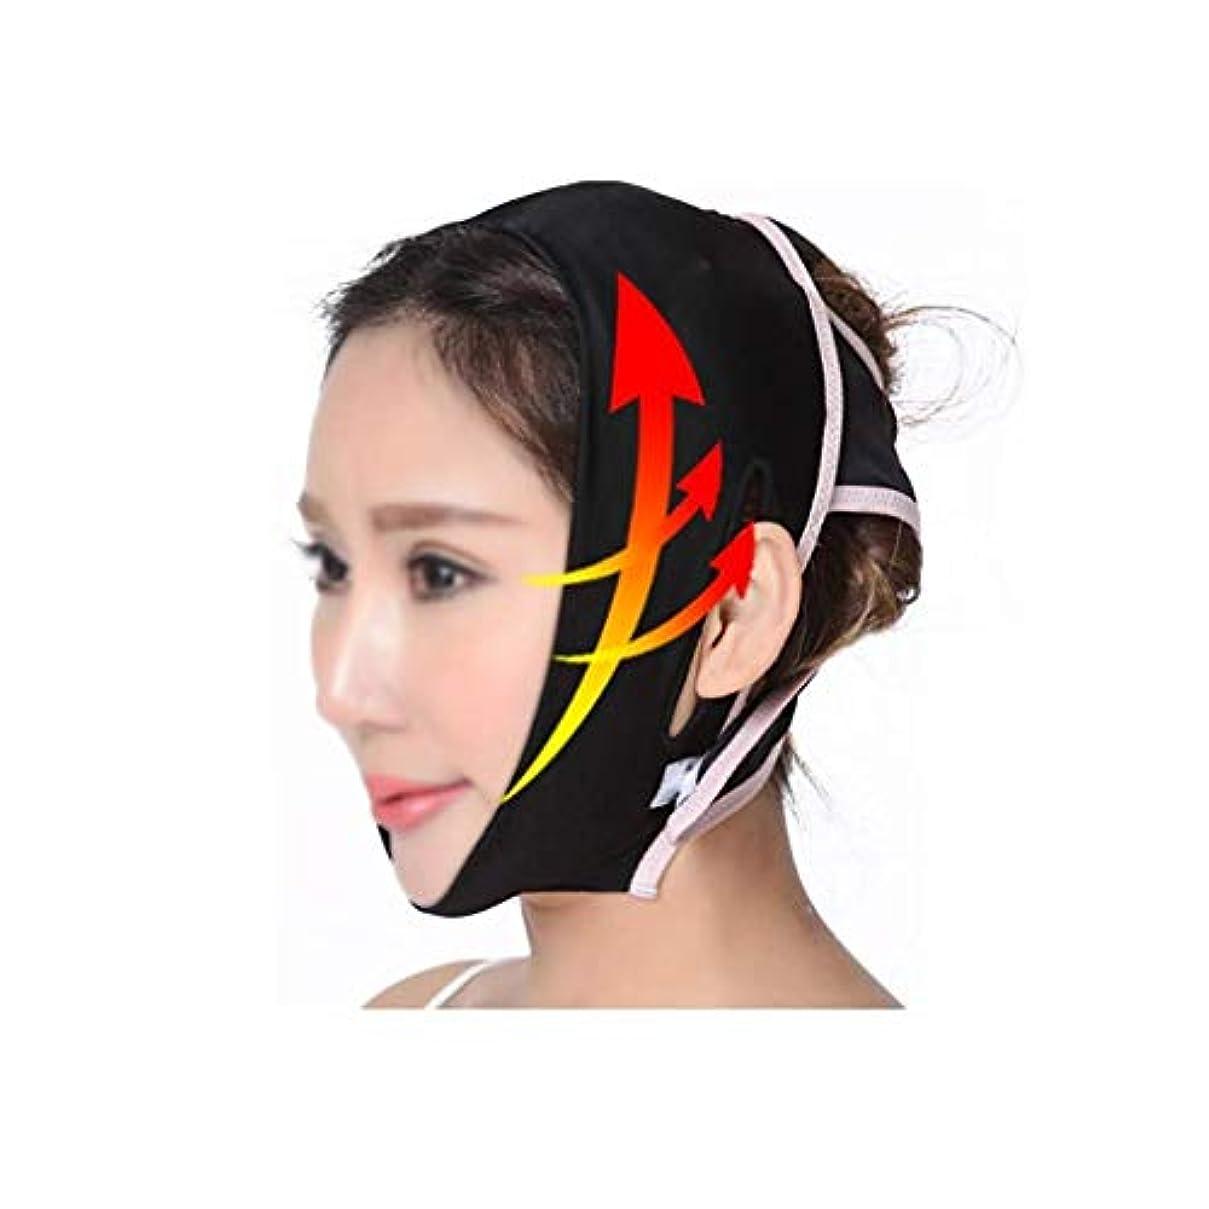 ヘリコプター伝えるマートフェイスリフトマスク、フェイシャルマスク睡眠顔整形顔包帯顔リフティングV顔顔アーティファクト回復通気性ネックストラップ(サイズ:M)